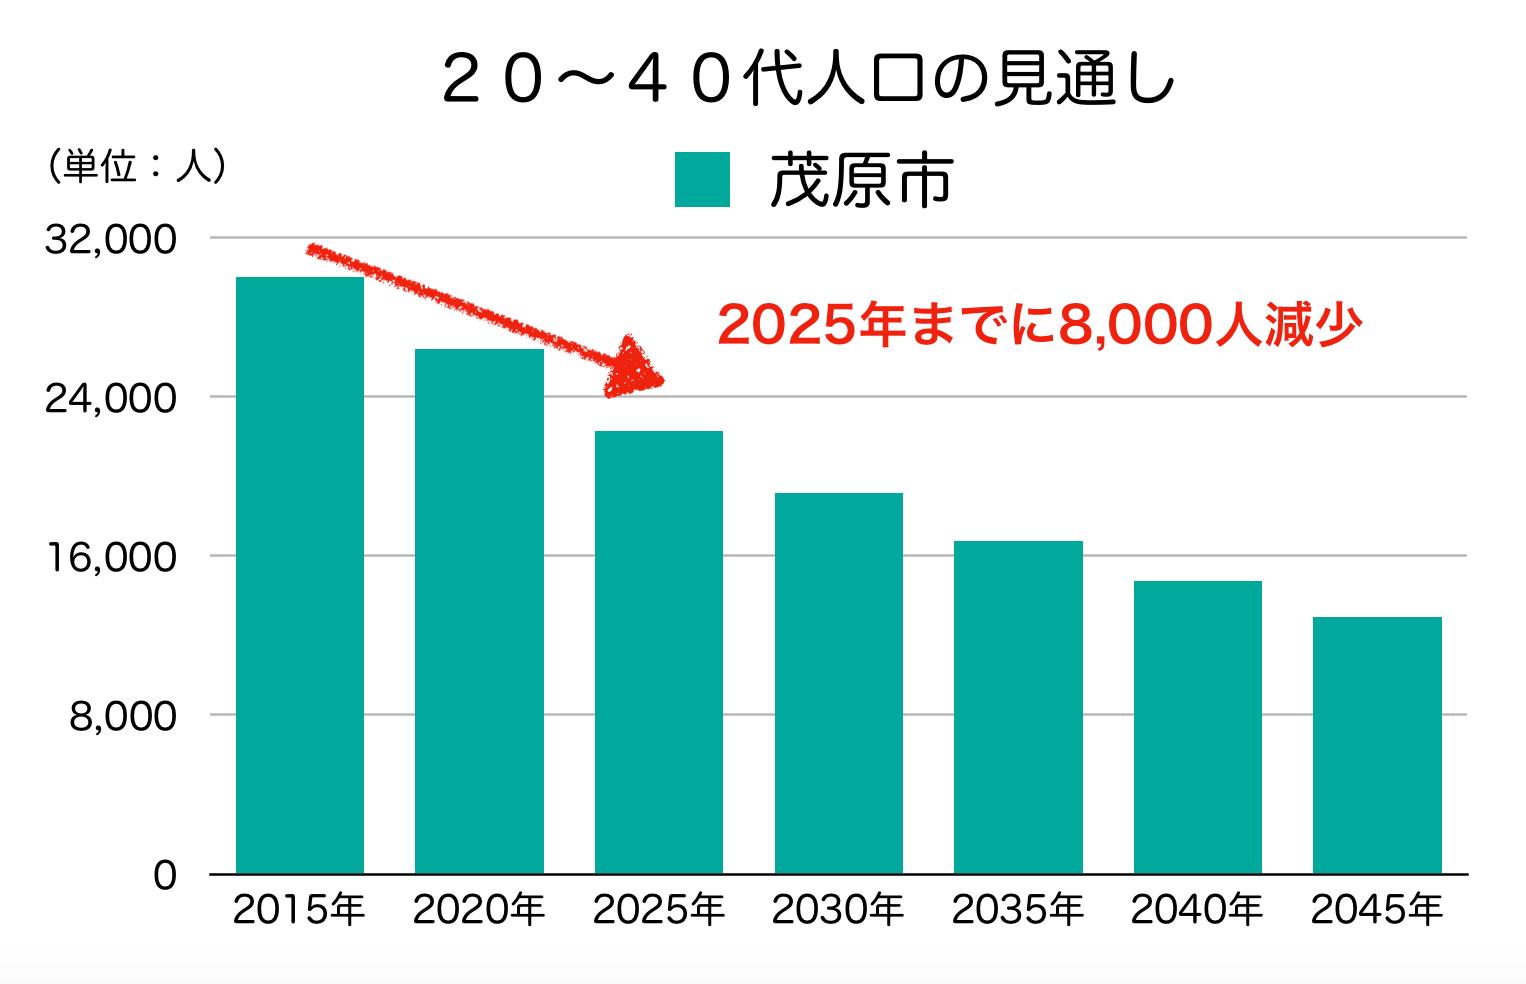 茂原市の20〜40代人口の予測